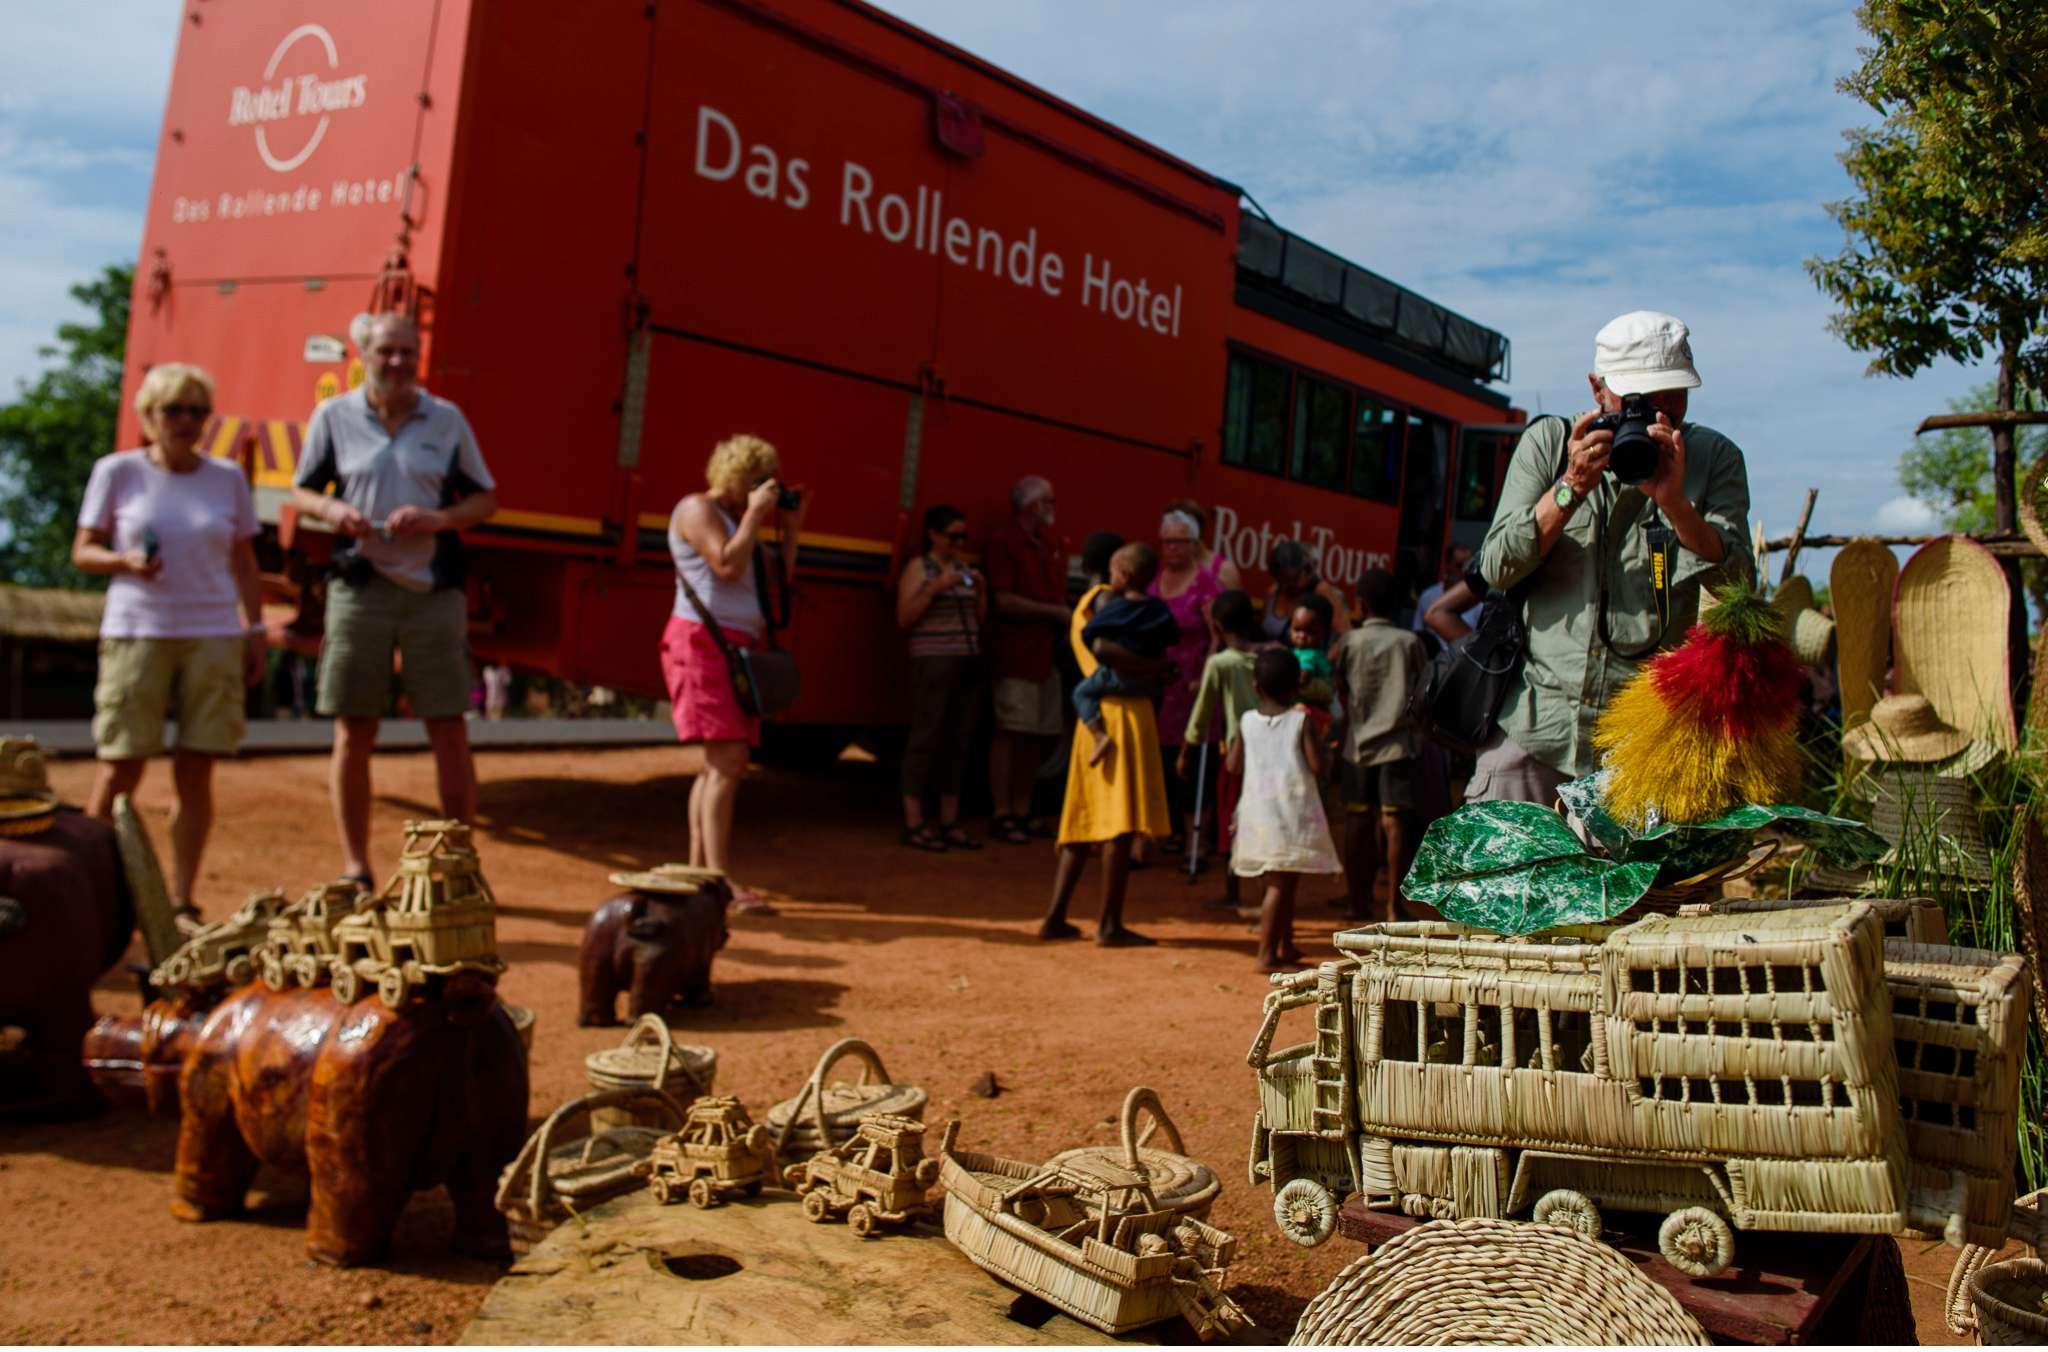 Malawi-Quer durch Afrika- Geschichten von unterwegs by Marion and Daniel-16